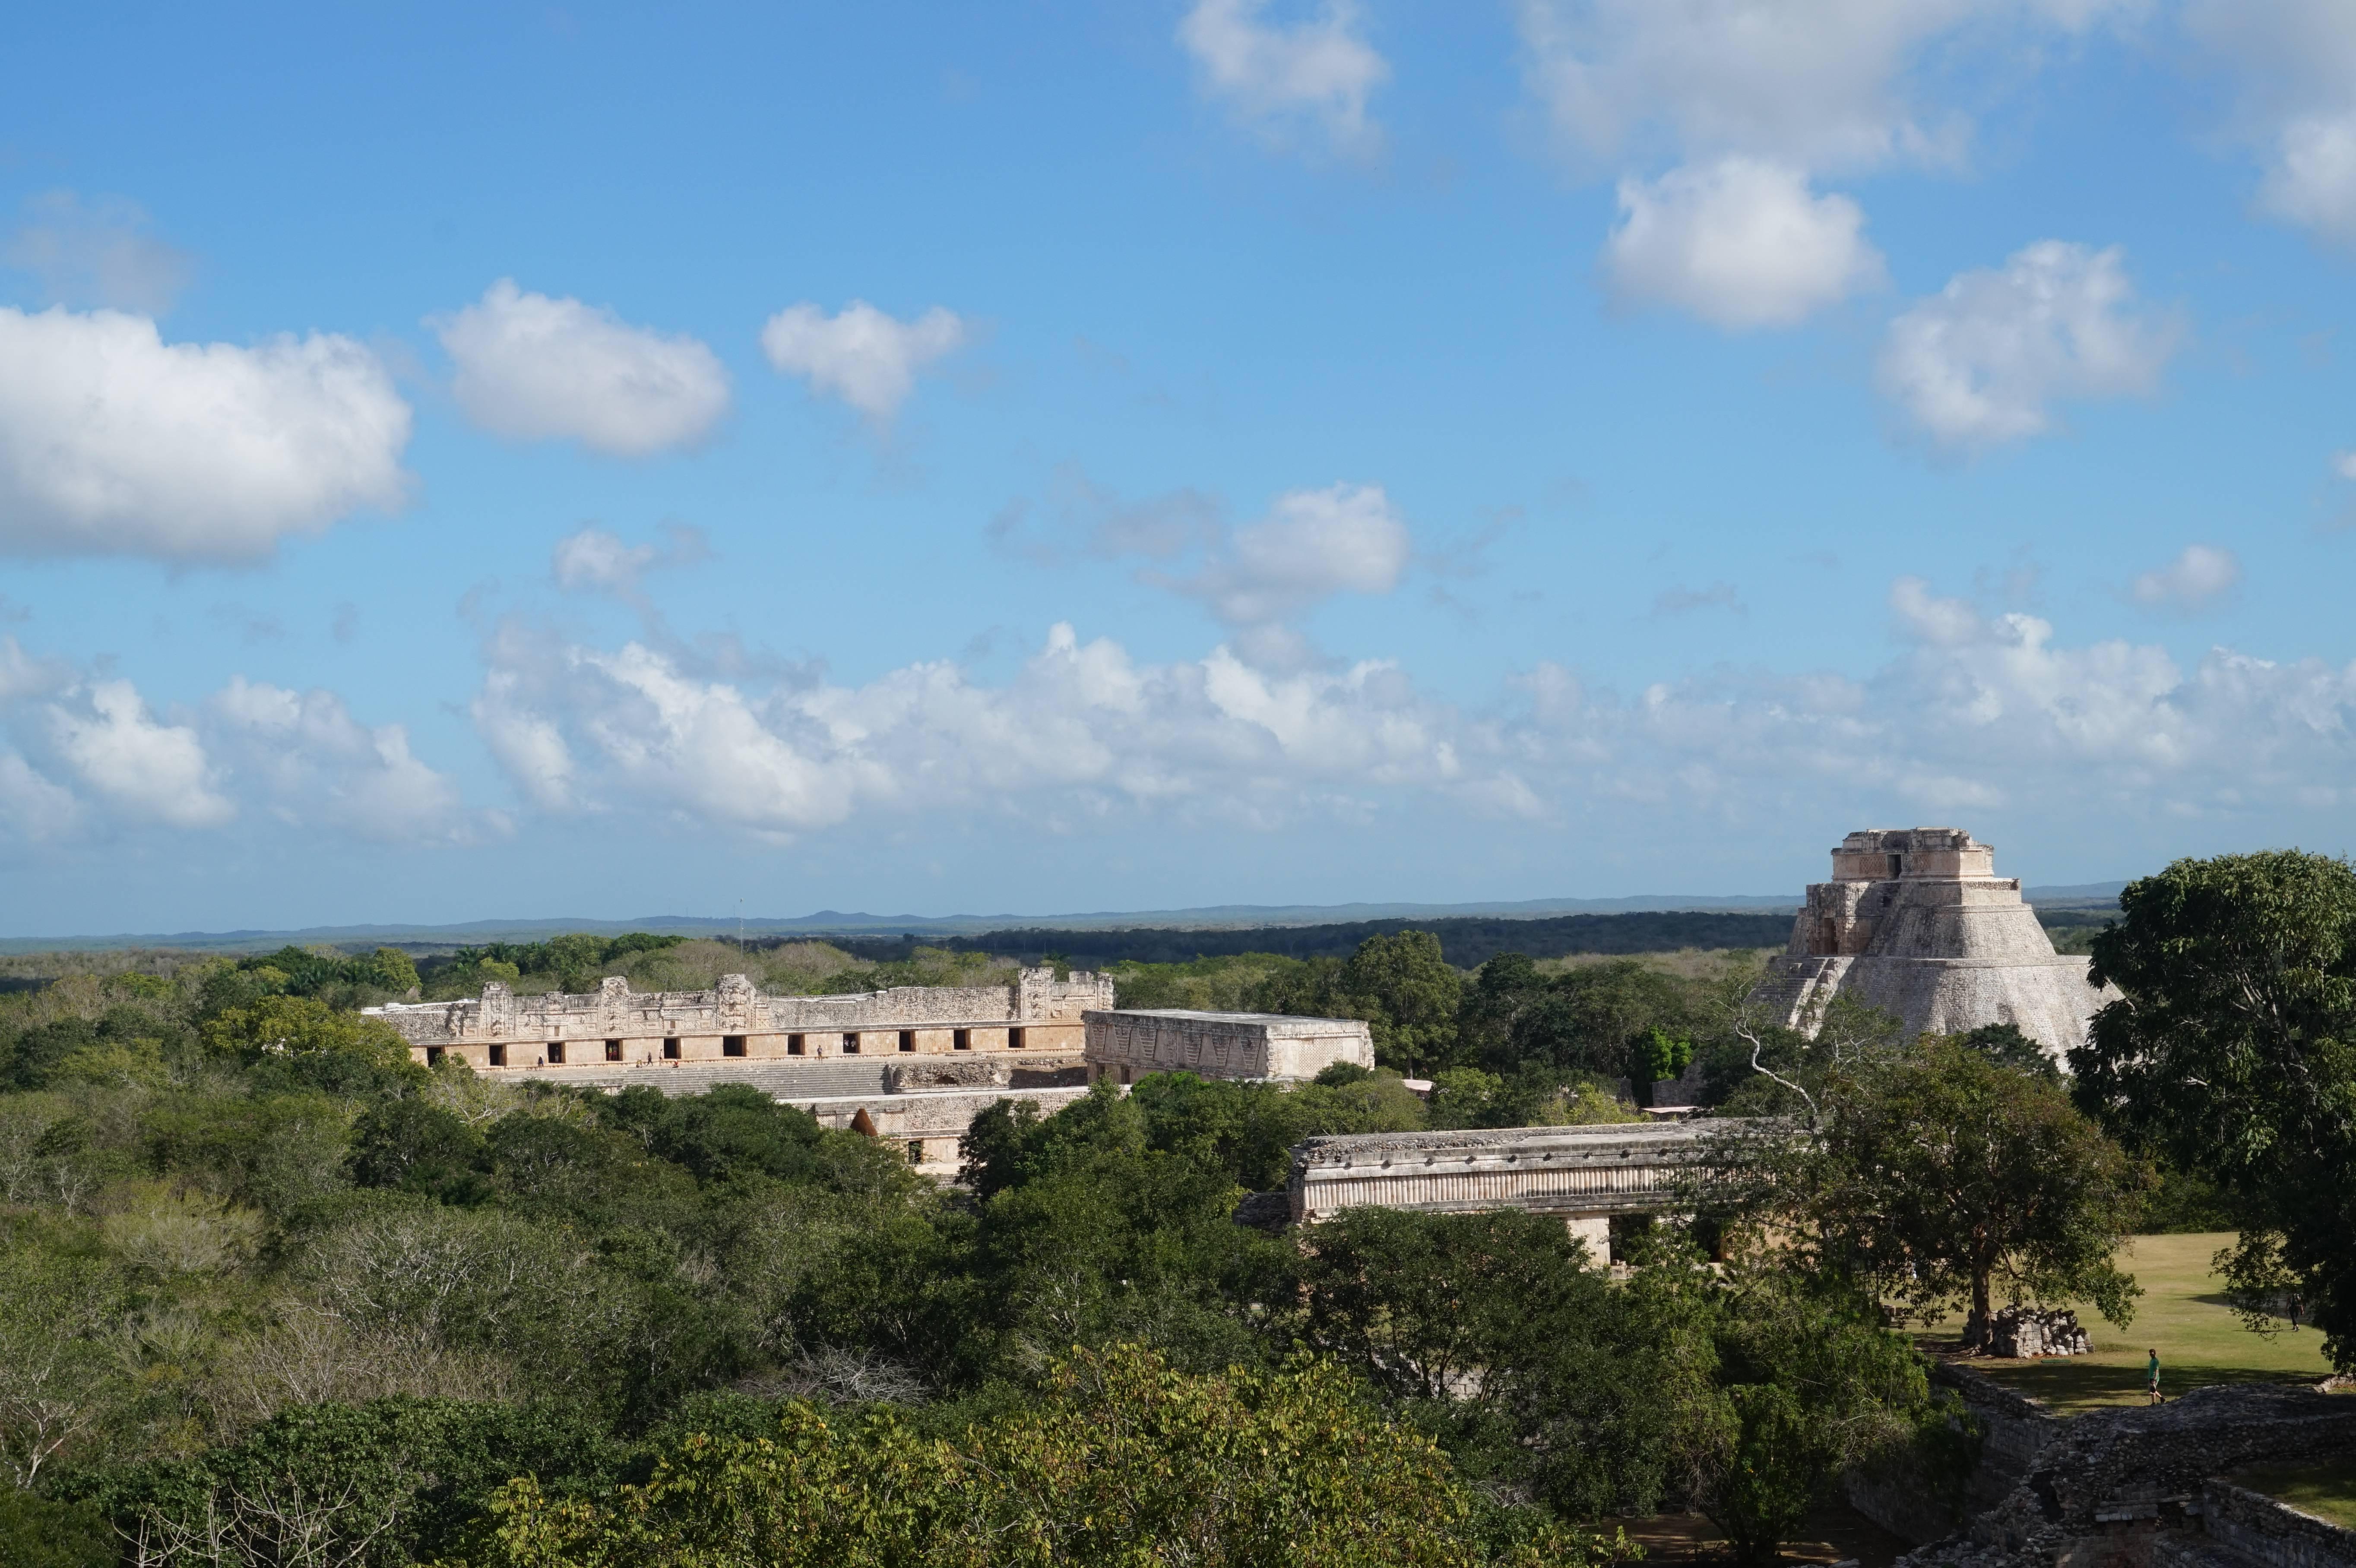 Photo 3: Uxmal, une des plus belles cité Maya